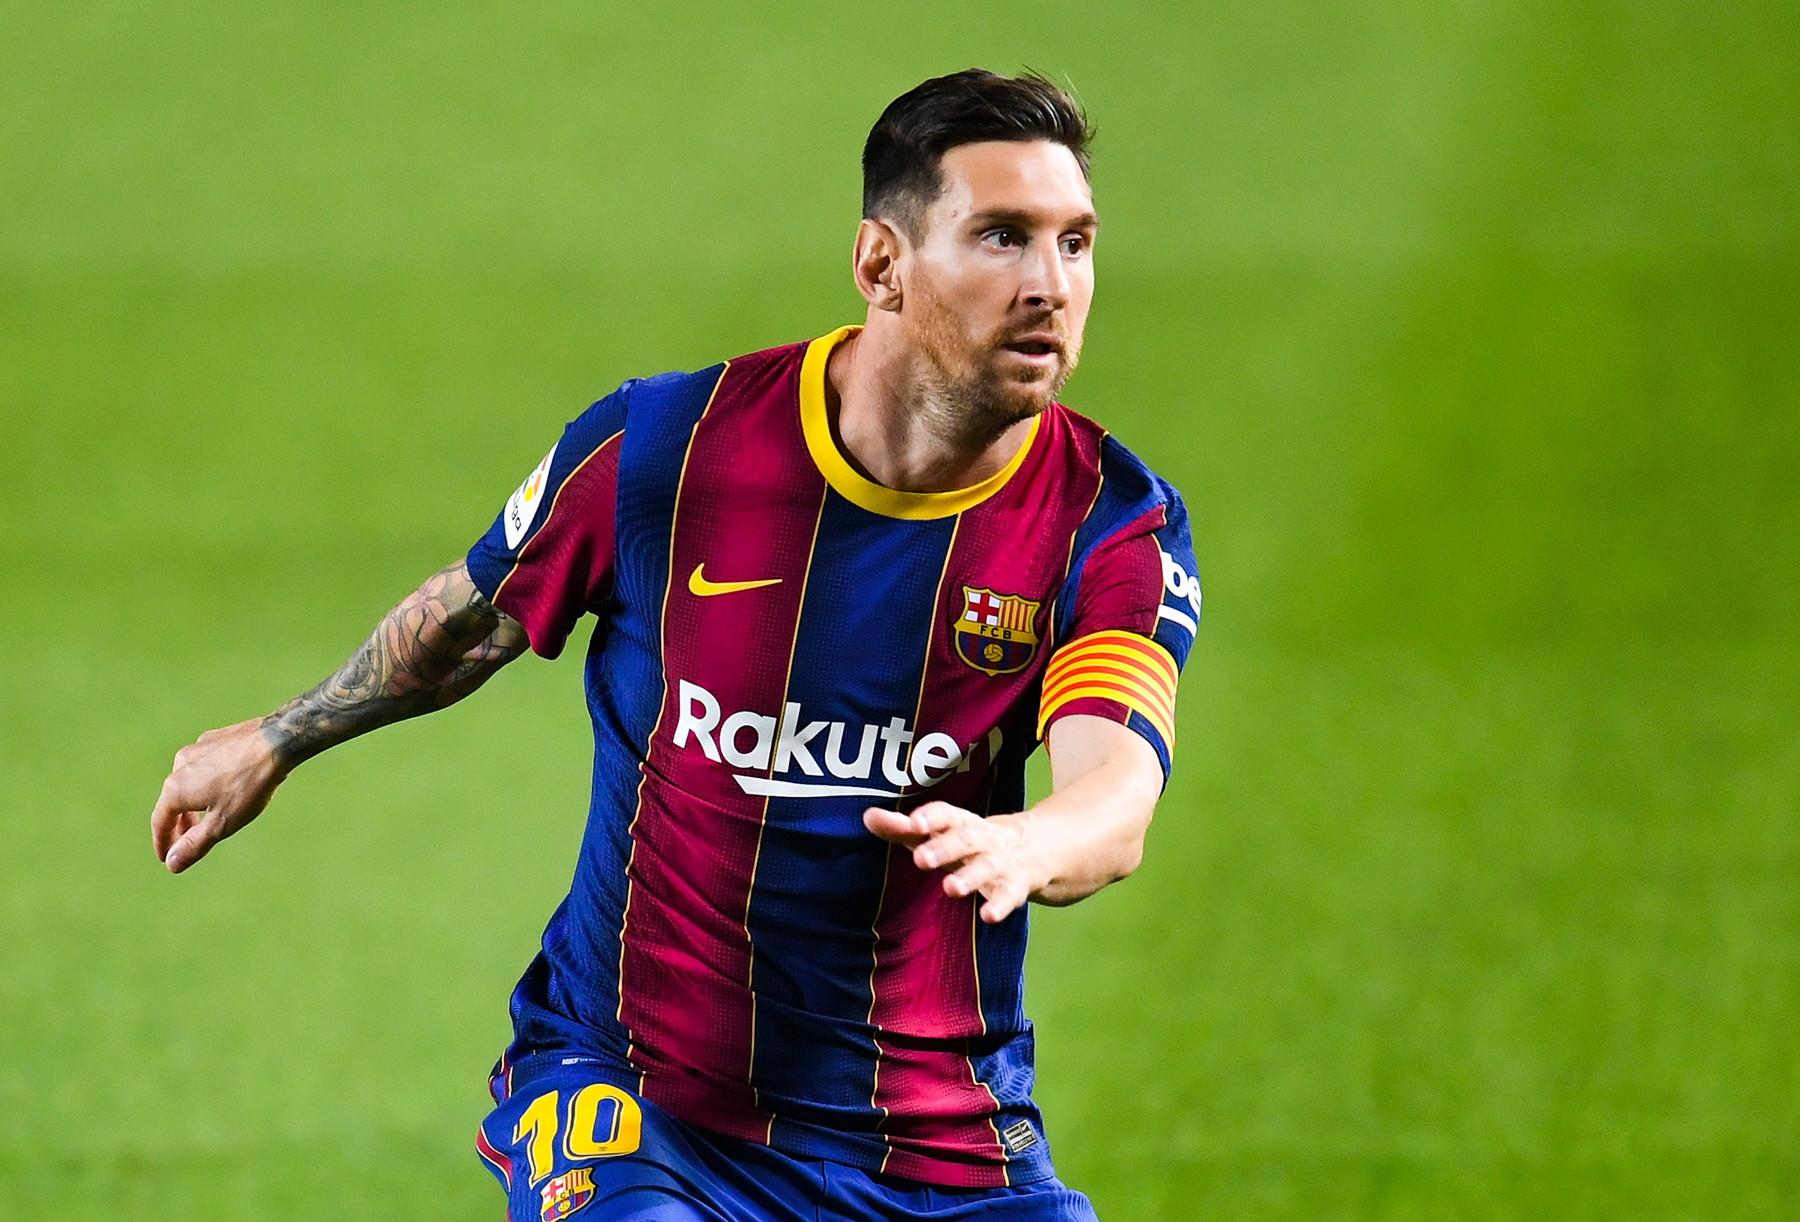 Messi (Barcellona): il mondo blaugrana ha vissuto giorni di paura e ansia, Leo voleva andarsene ma non è riuscito a farsi cedere a costo zero. Il Manchester City più dell'Inter era candidato a prendere la Pulce, se ne riparla tra un anno